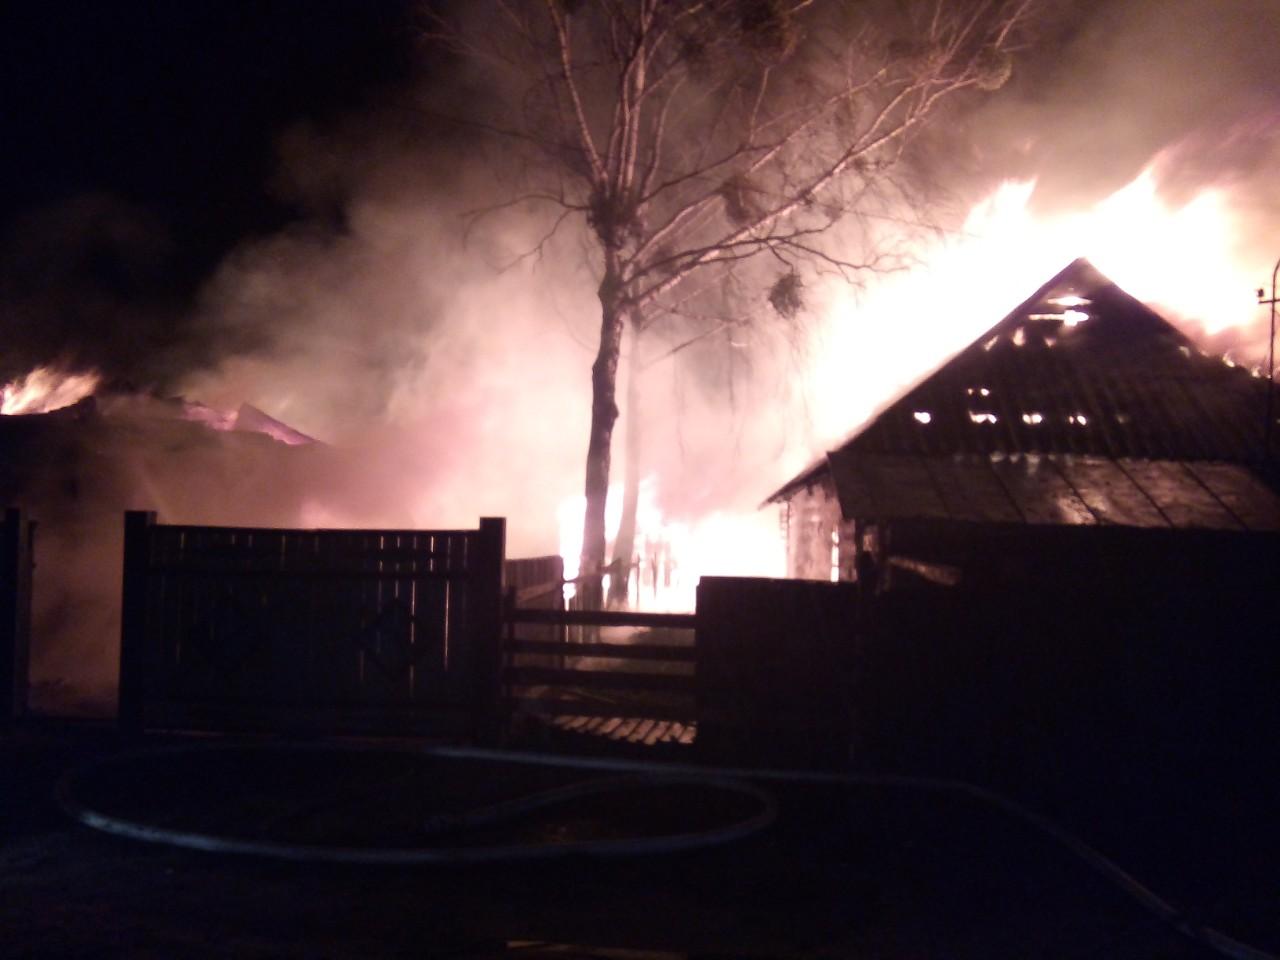 На Іванківщині в пожежі загинула людина -  - 0 02 07 4f158d565c015dfcef185fd1baa13e51a1edac8d5d79016bfa579ea72e948ee1 aa986005